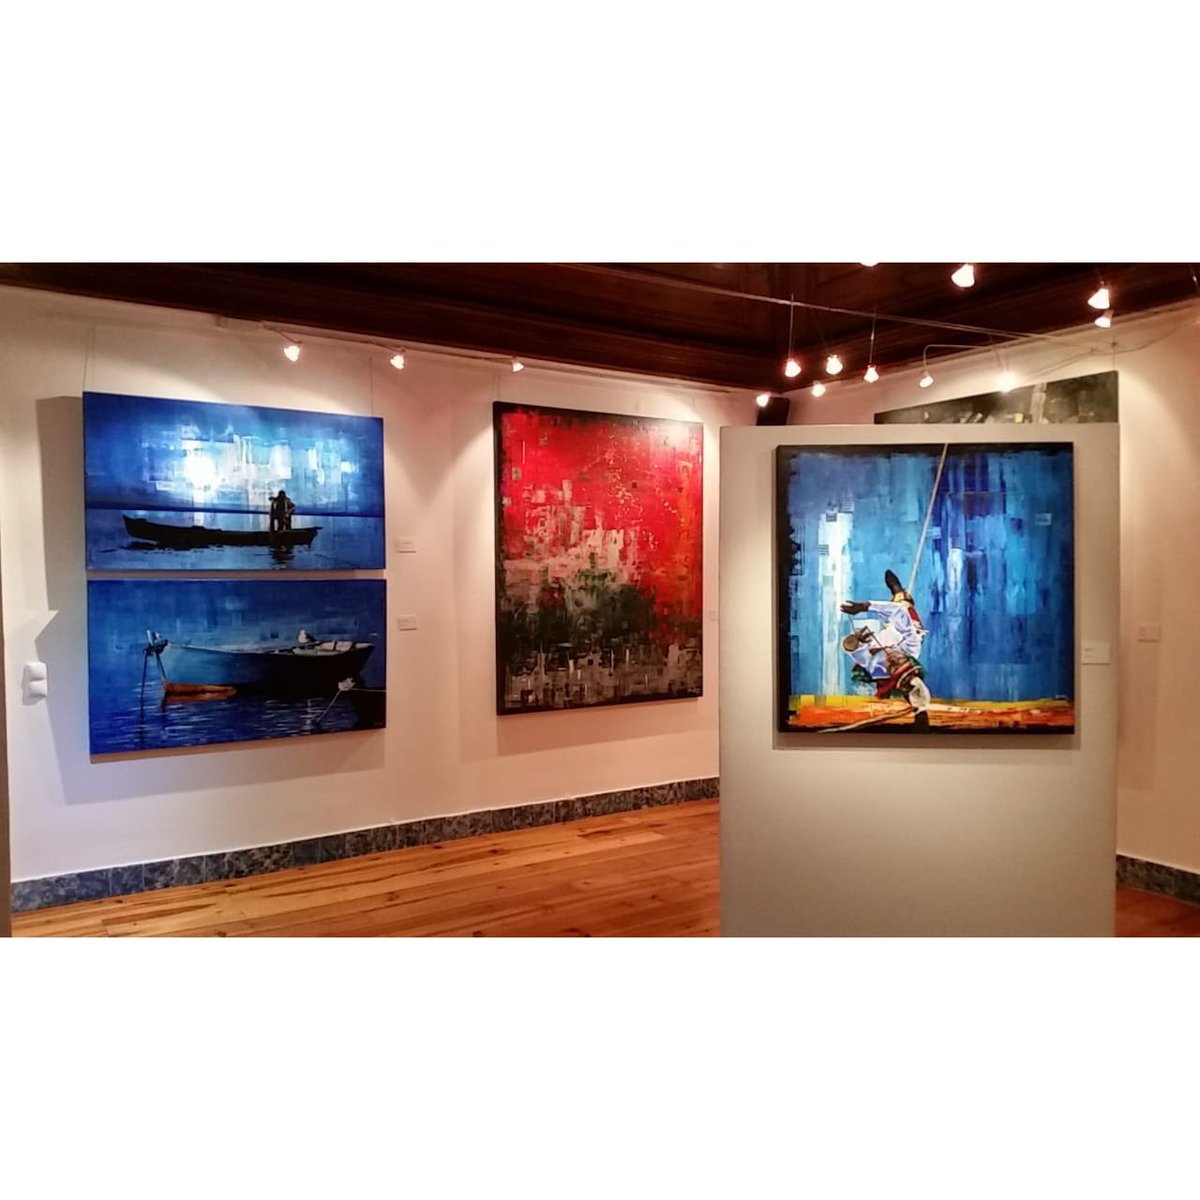 Hace 5 años, mi exposición Energía y Transformación, en la Embajada de México en Lisboa, Portugal. / EXPOSICIÓN. / #pedrotrueba #pintura #arte #Expo #Lisbon #Portugal #mexicano #exposición #galería